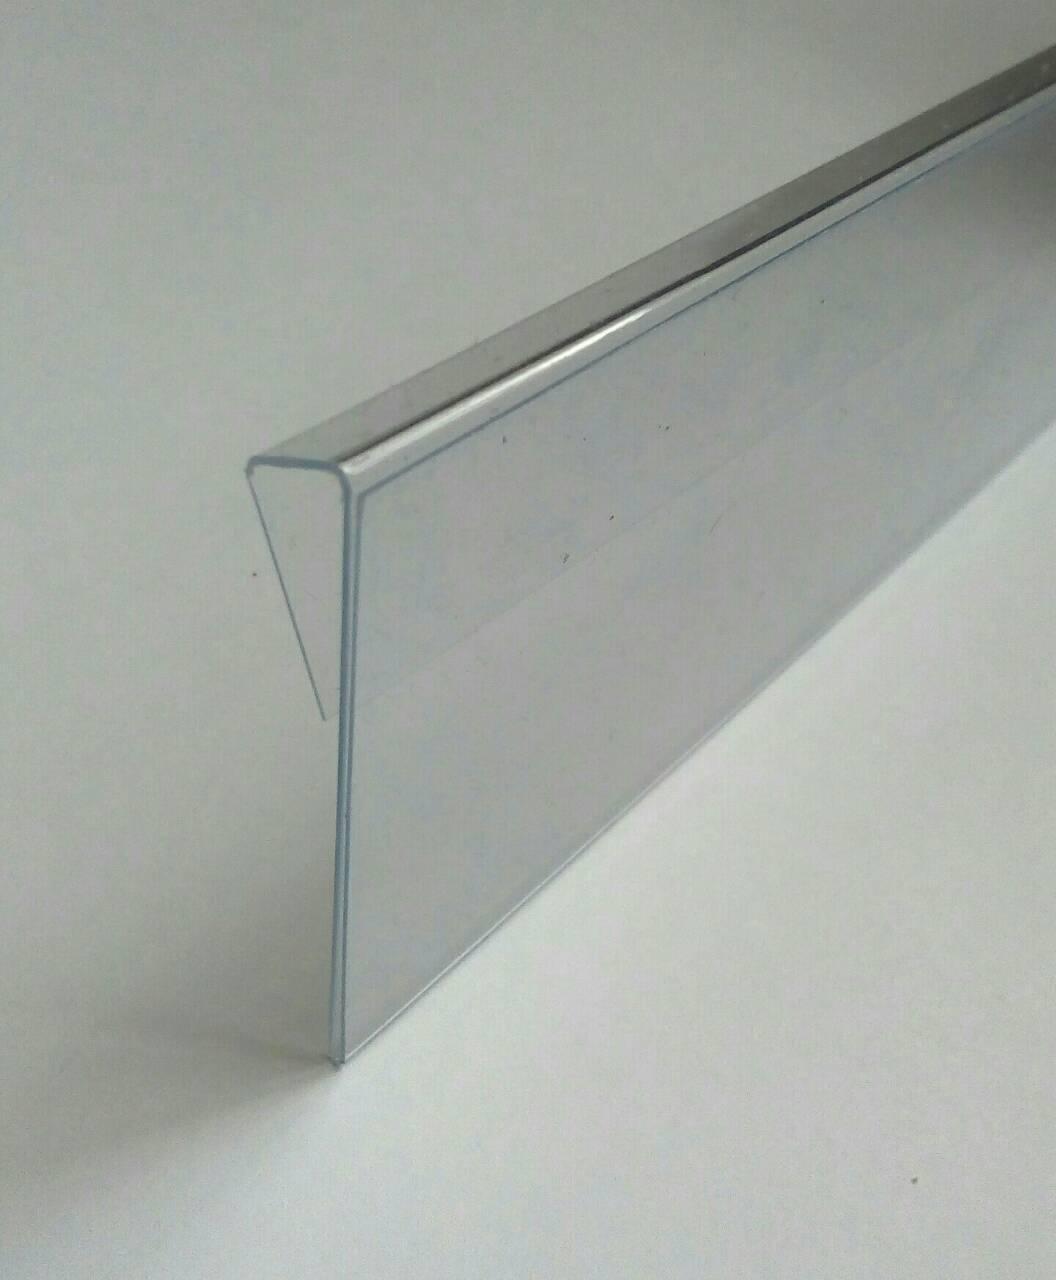 Ценникодержатели стеллажные, держатели для ценников на корзину или проволку 235*50мм Прозрачный